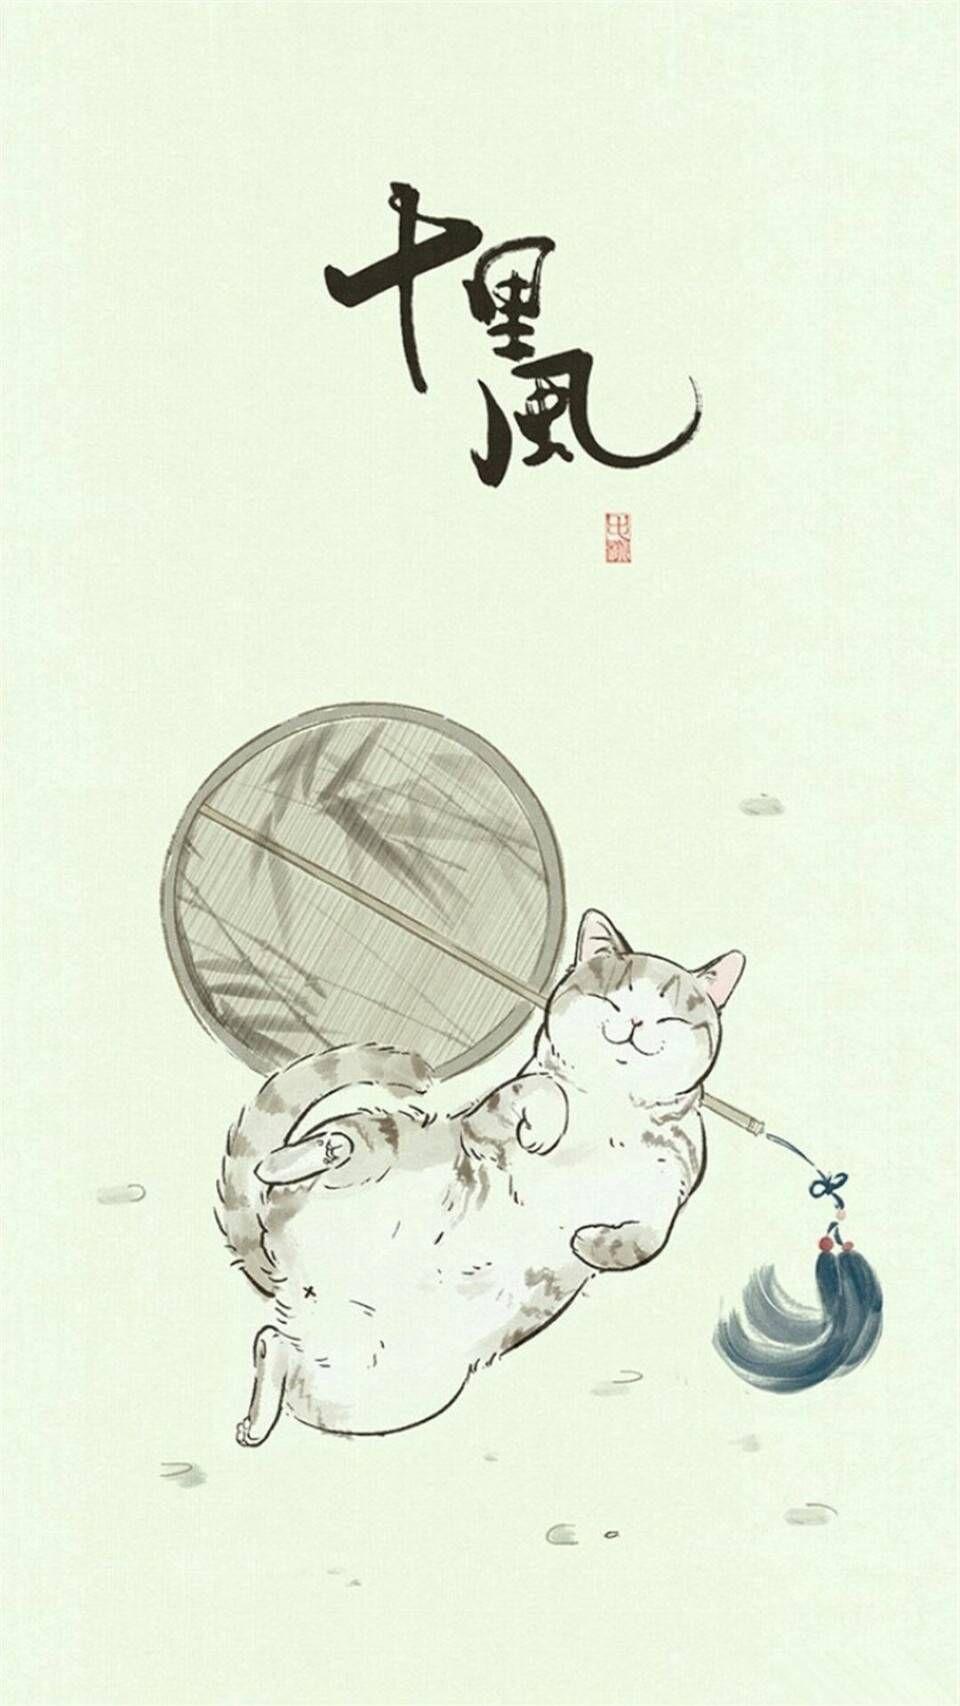 罐装冻秋梨 微博搜索 Wallpapers Cat Art Cats Cat Drawing